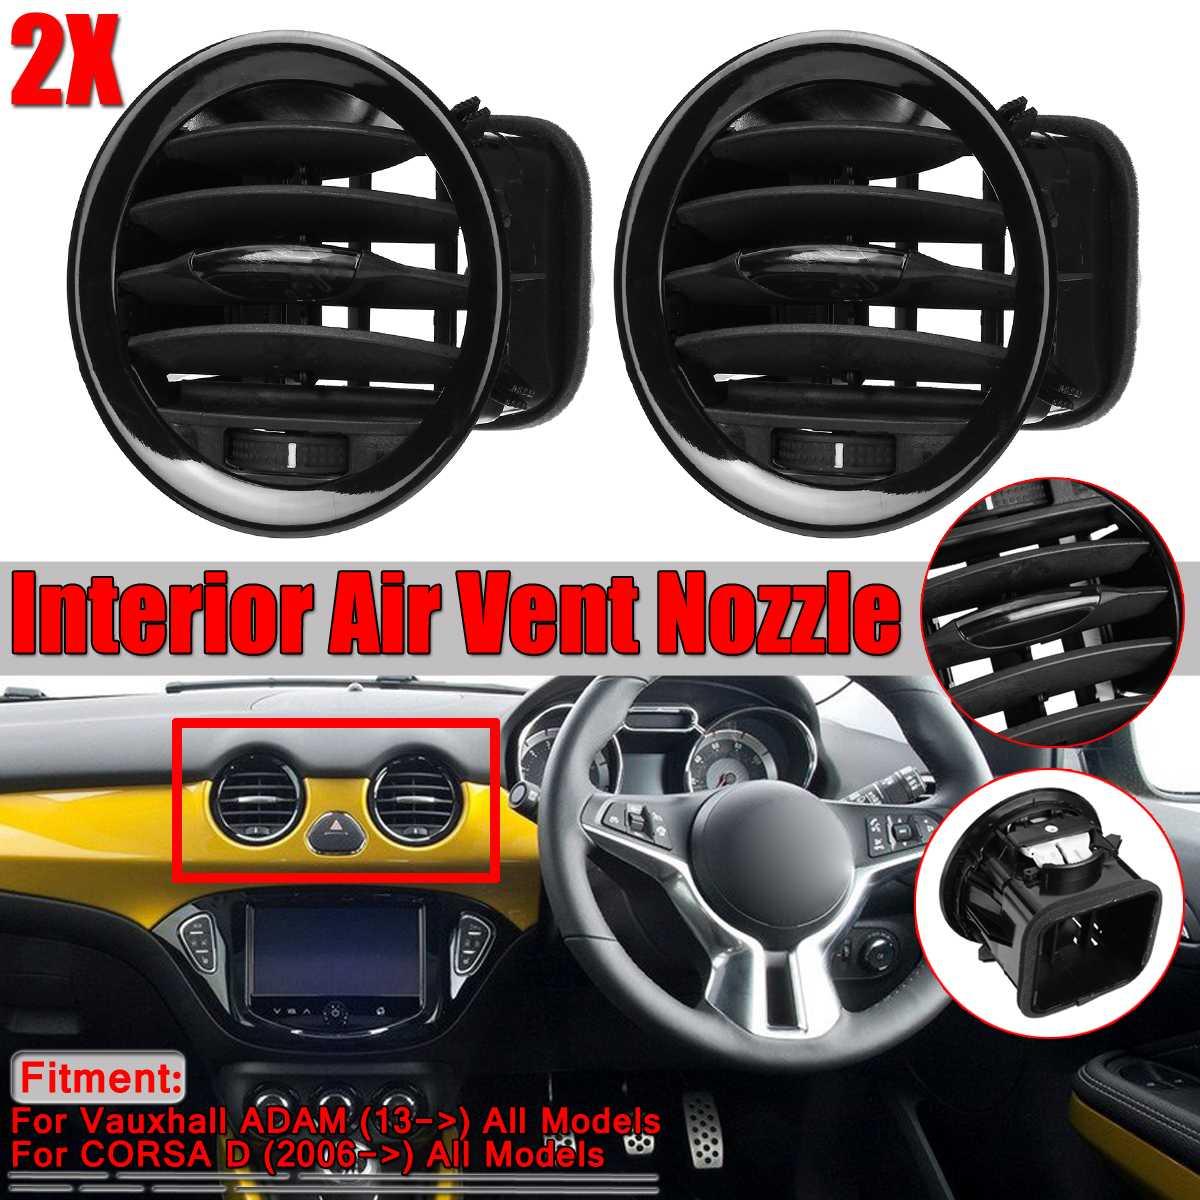 ใหม่ภายในรถเครื่องทำความร้อน A/C ฝาครอบ Air Vent Outlet Grille สำหรับ Vauxhall Opel ADAM/CORSA D MK3 ช่องระบายอากาศ Trim ครอบคลุม